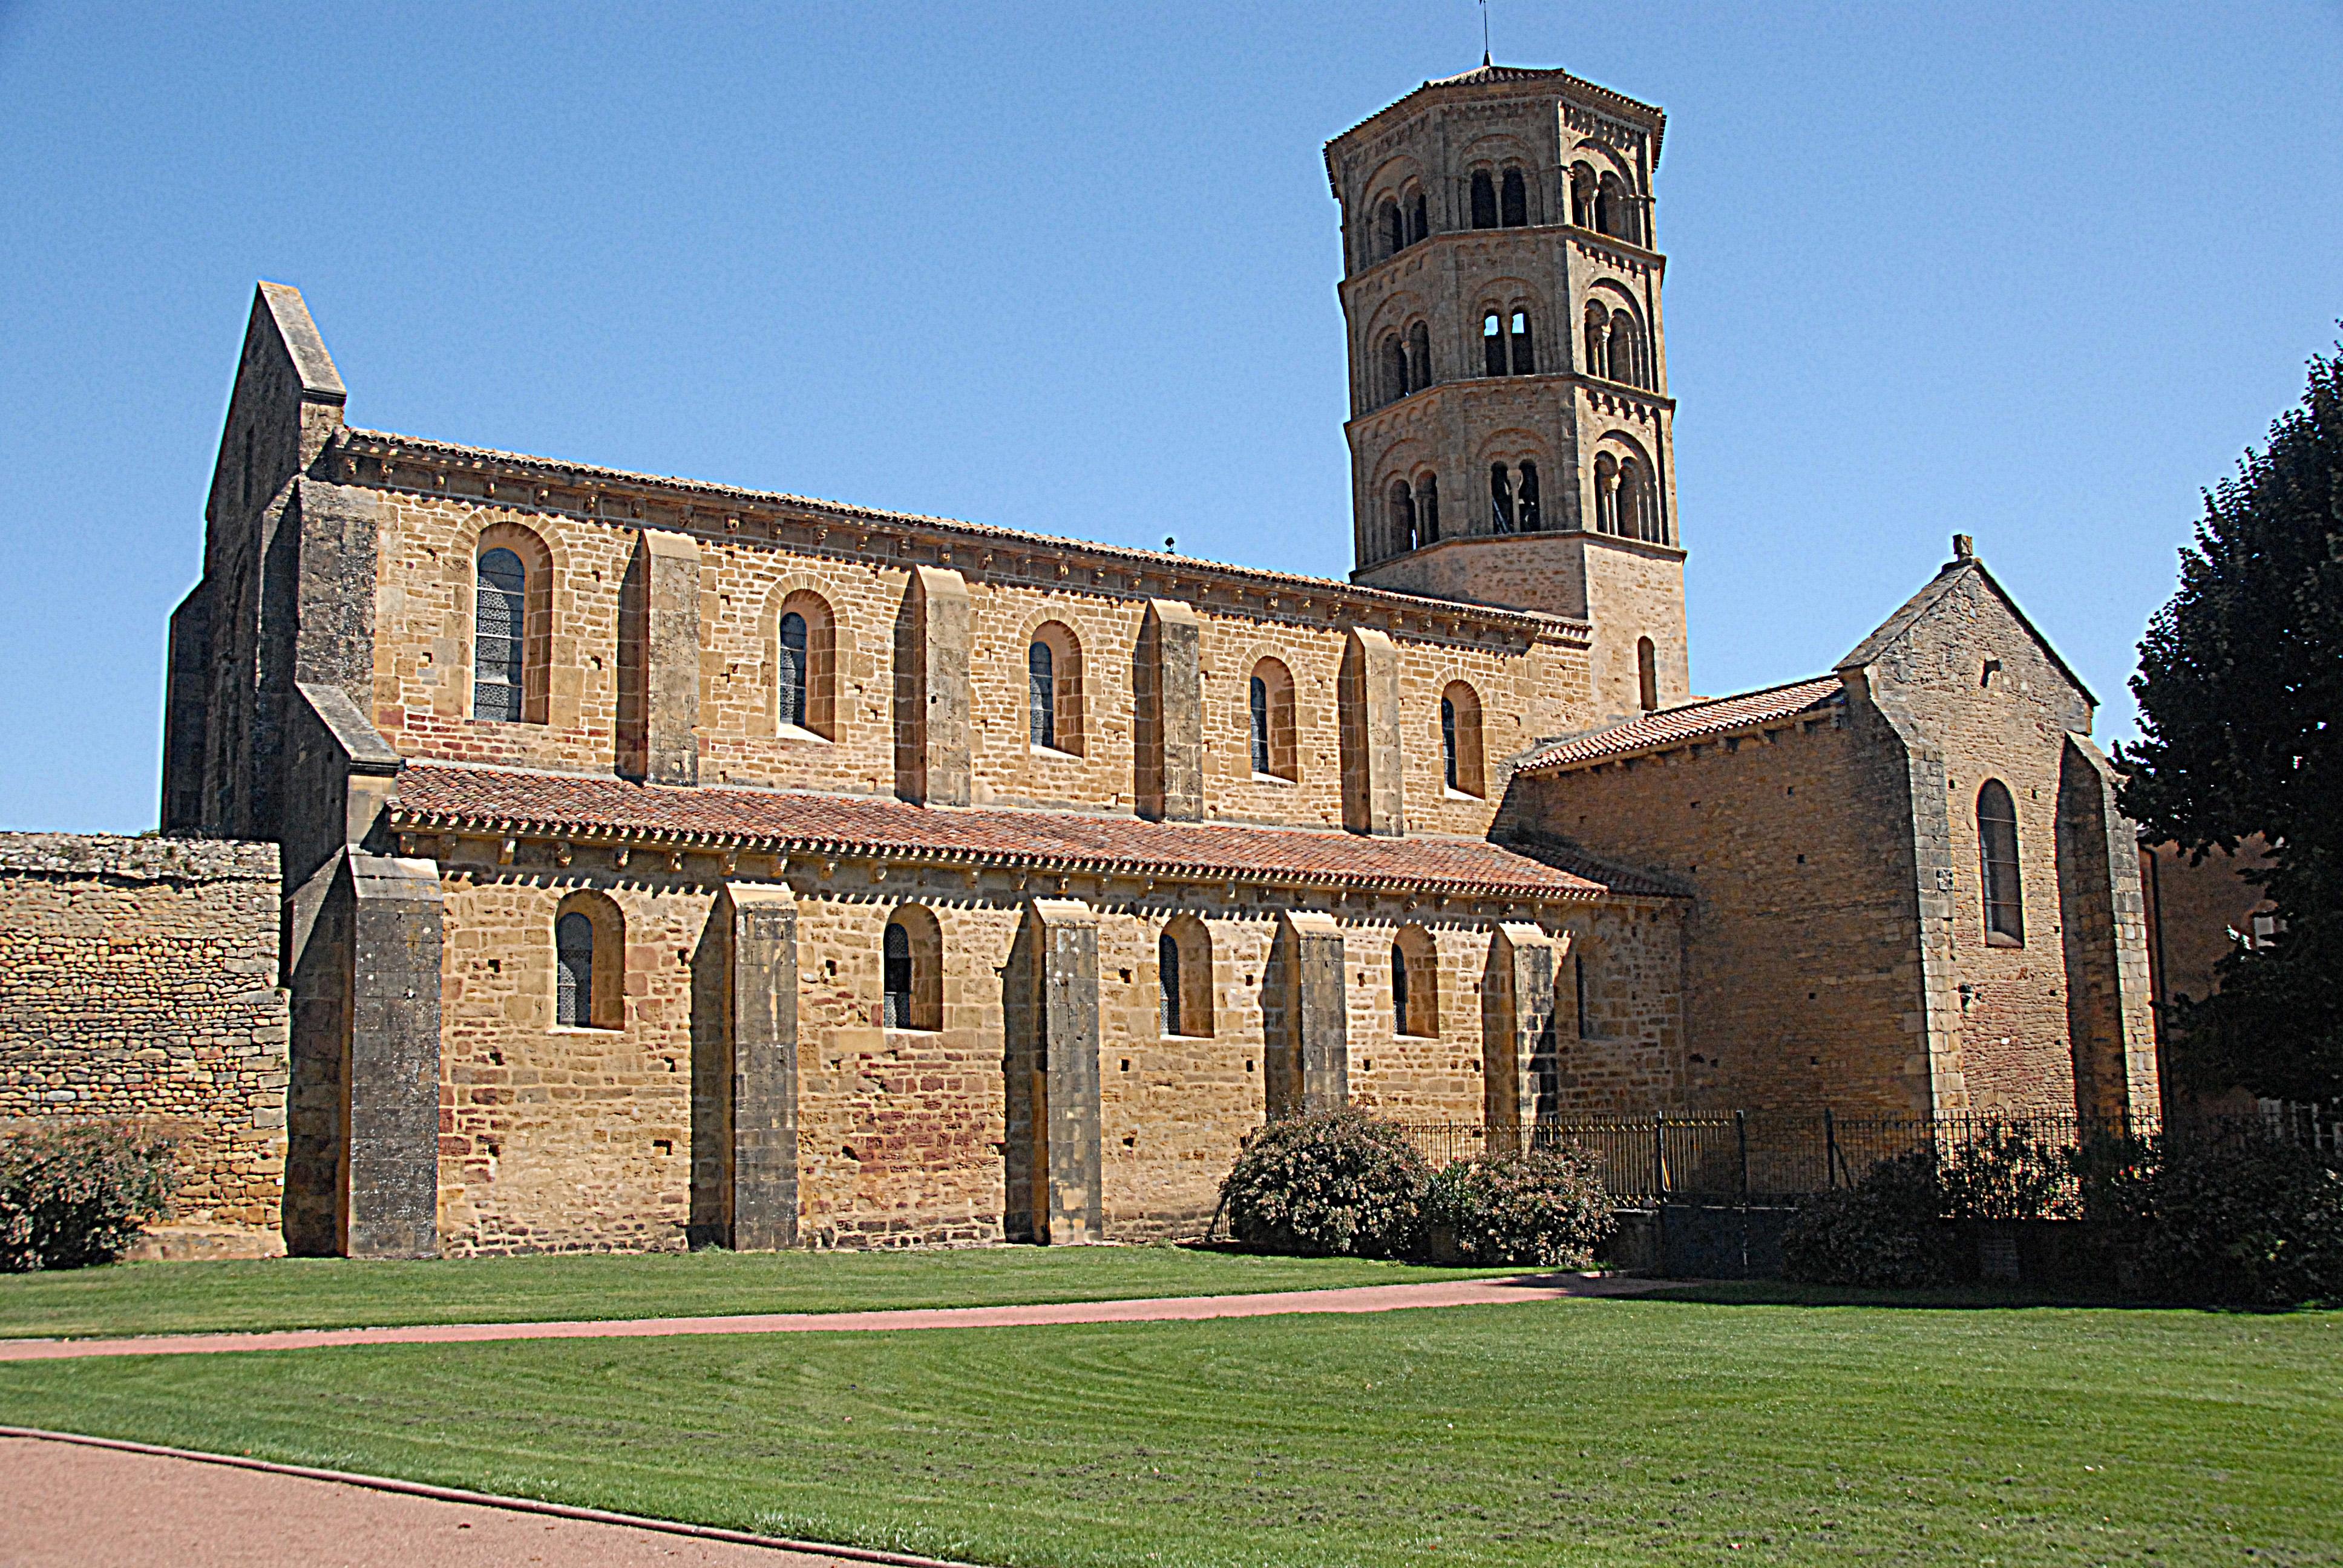 filefanzyleducjpg  wikimedia commons - anzyleducjpg